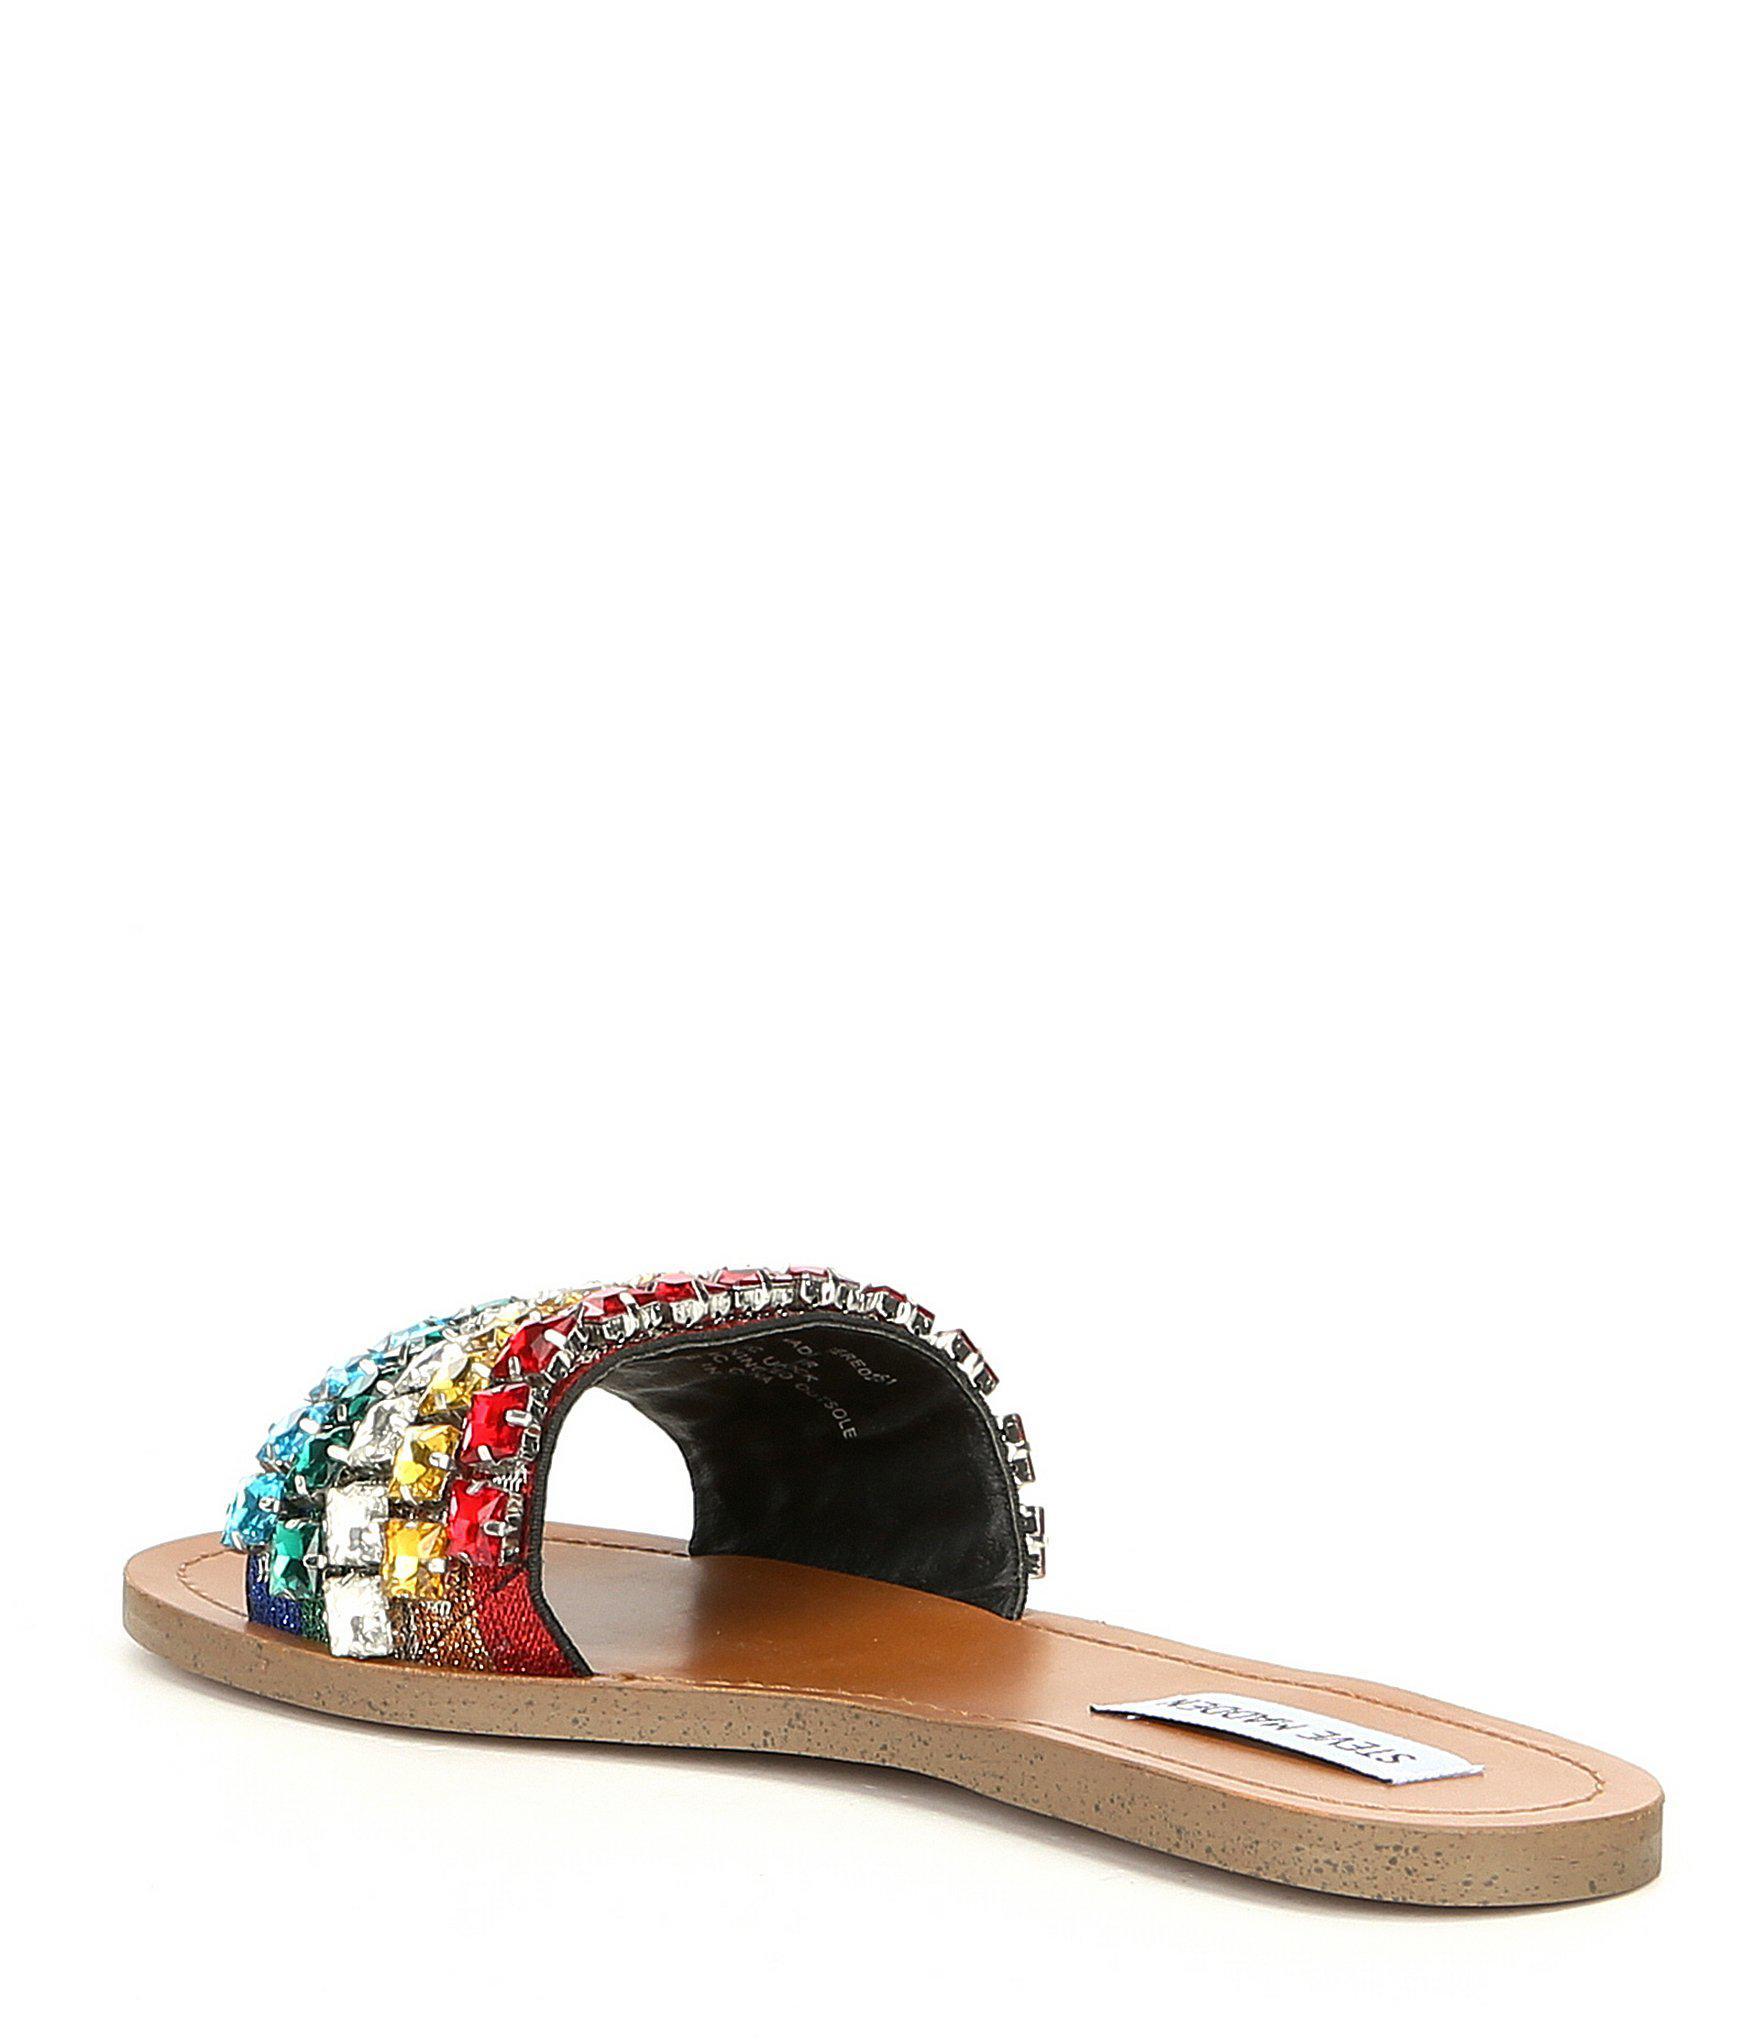 ebaf280385f0 Lyst - Steve Madden Serenade Slip On Rainbow Sandals